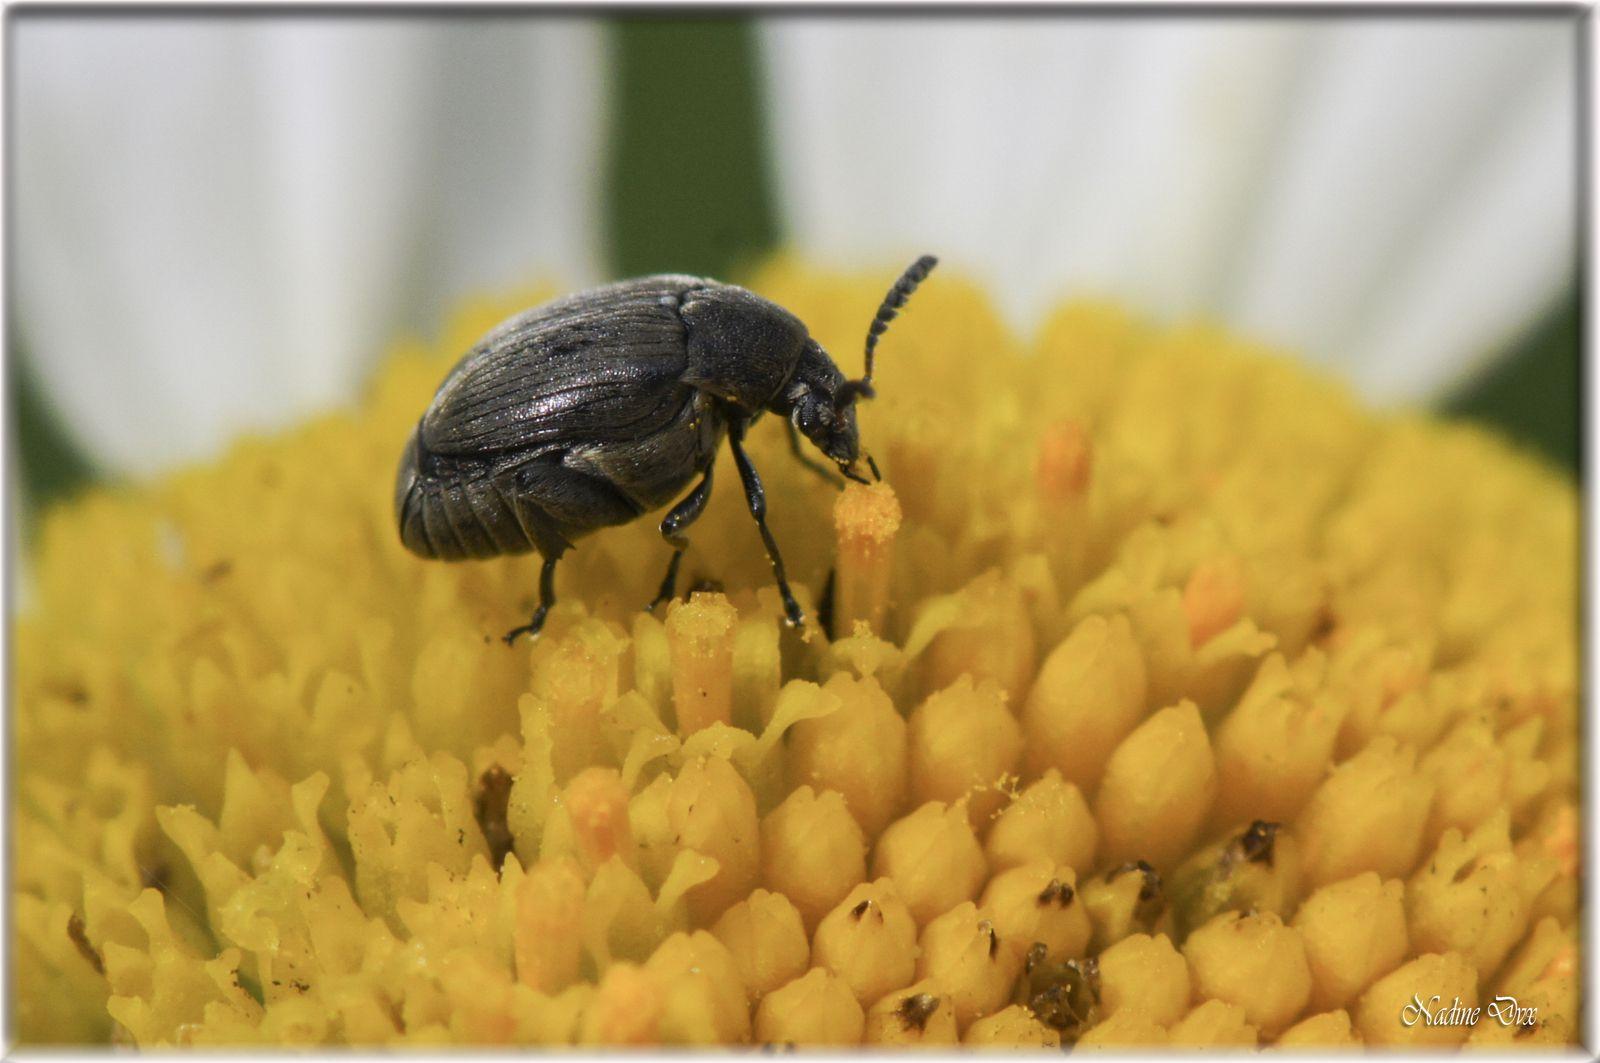 Les bruches (Bruchinae) - Famille des Chrysomèles - Coléoptère - (Sarthe)